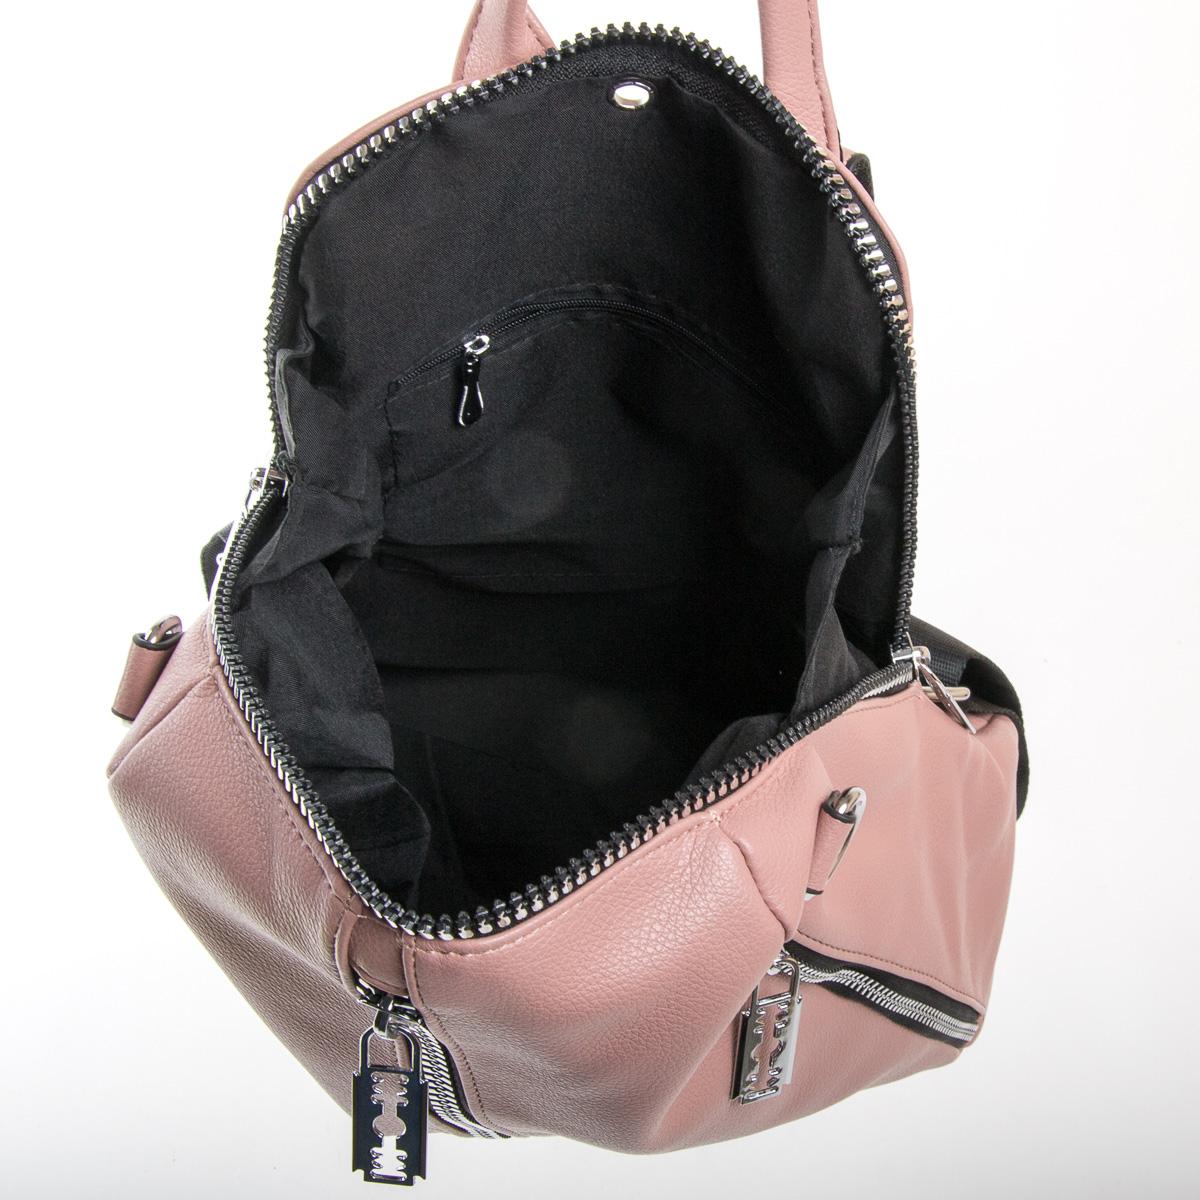 Сумка Женская Рюкзак иск-кожа FASHION 01-02 6487 pink - фото 5